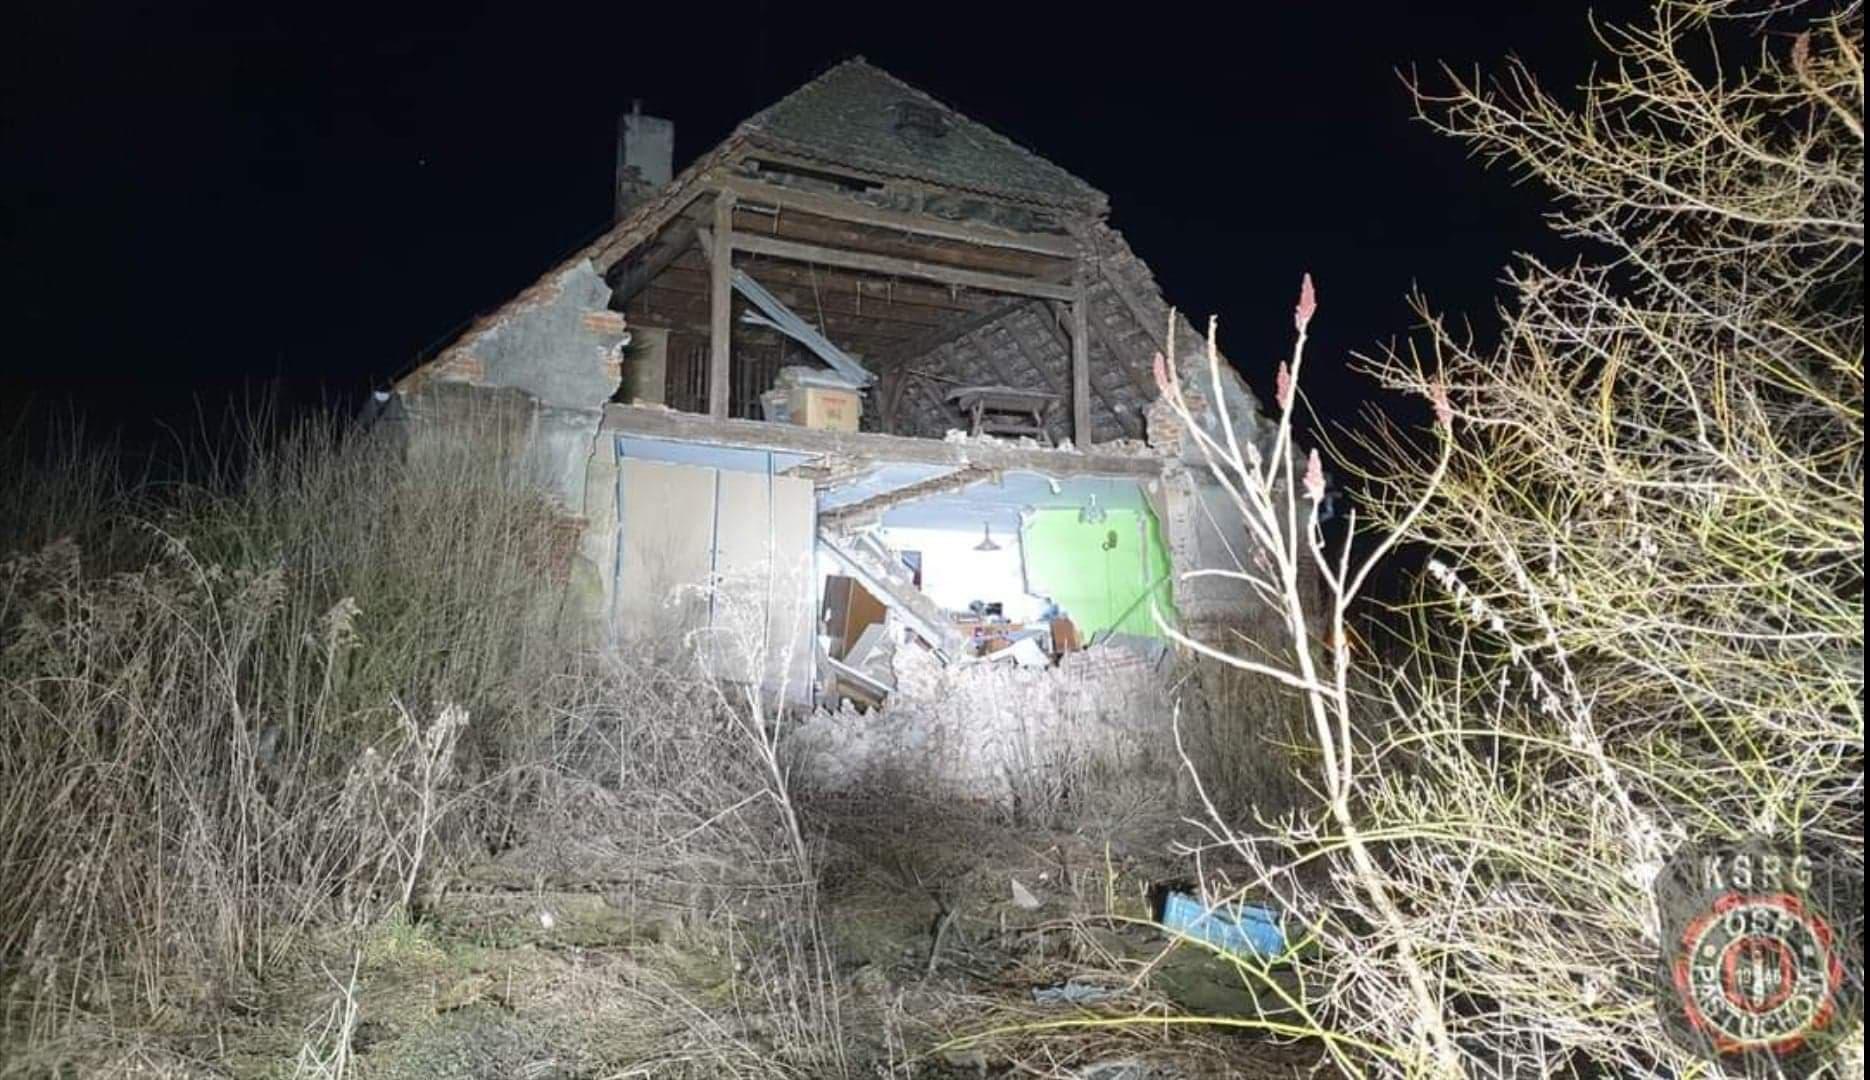 Ściana runęła, rodzina nadal bez dachu nad głową